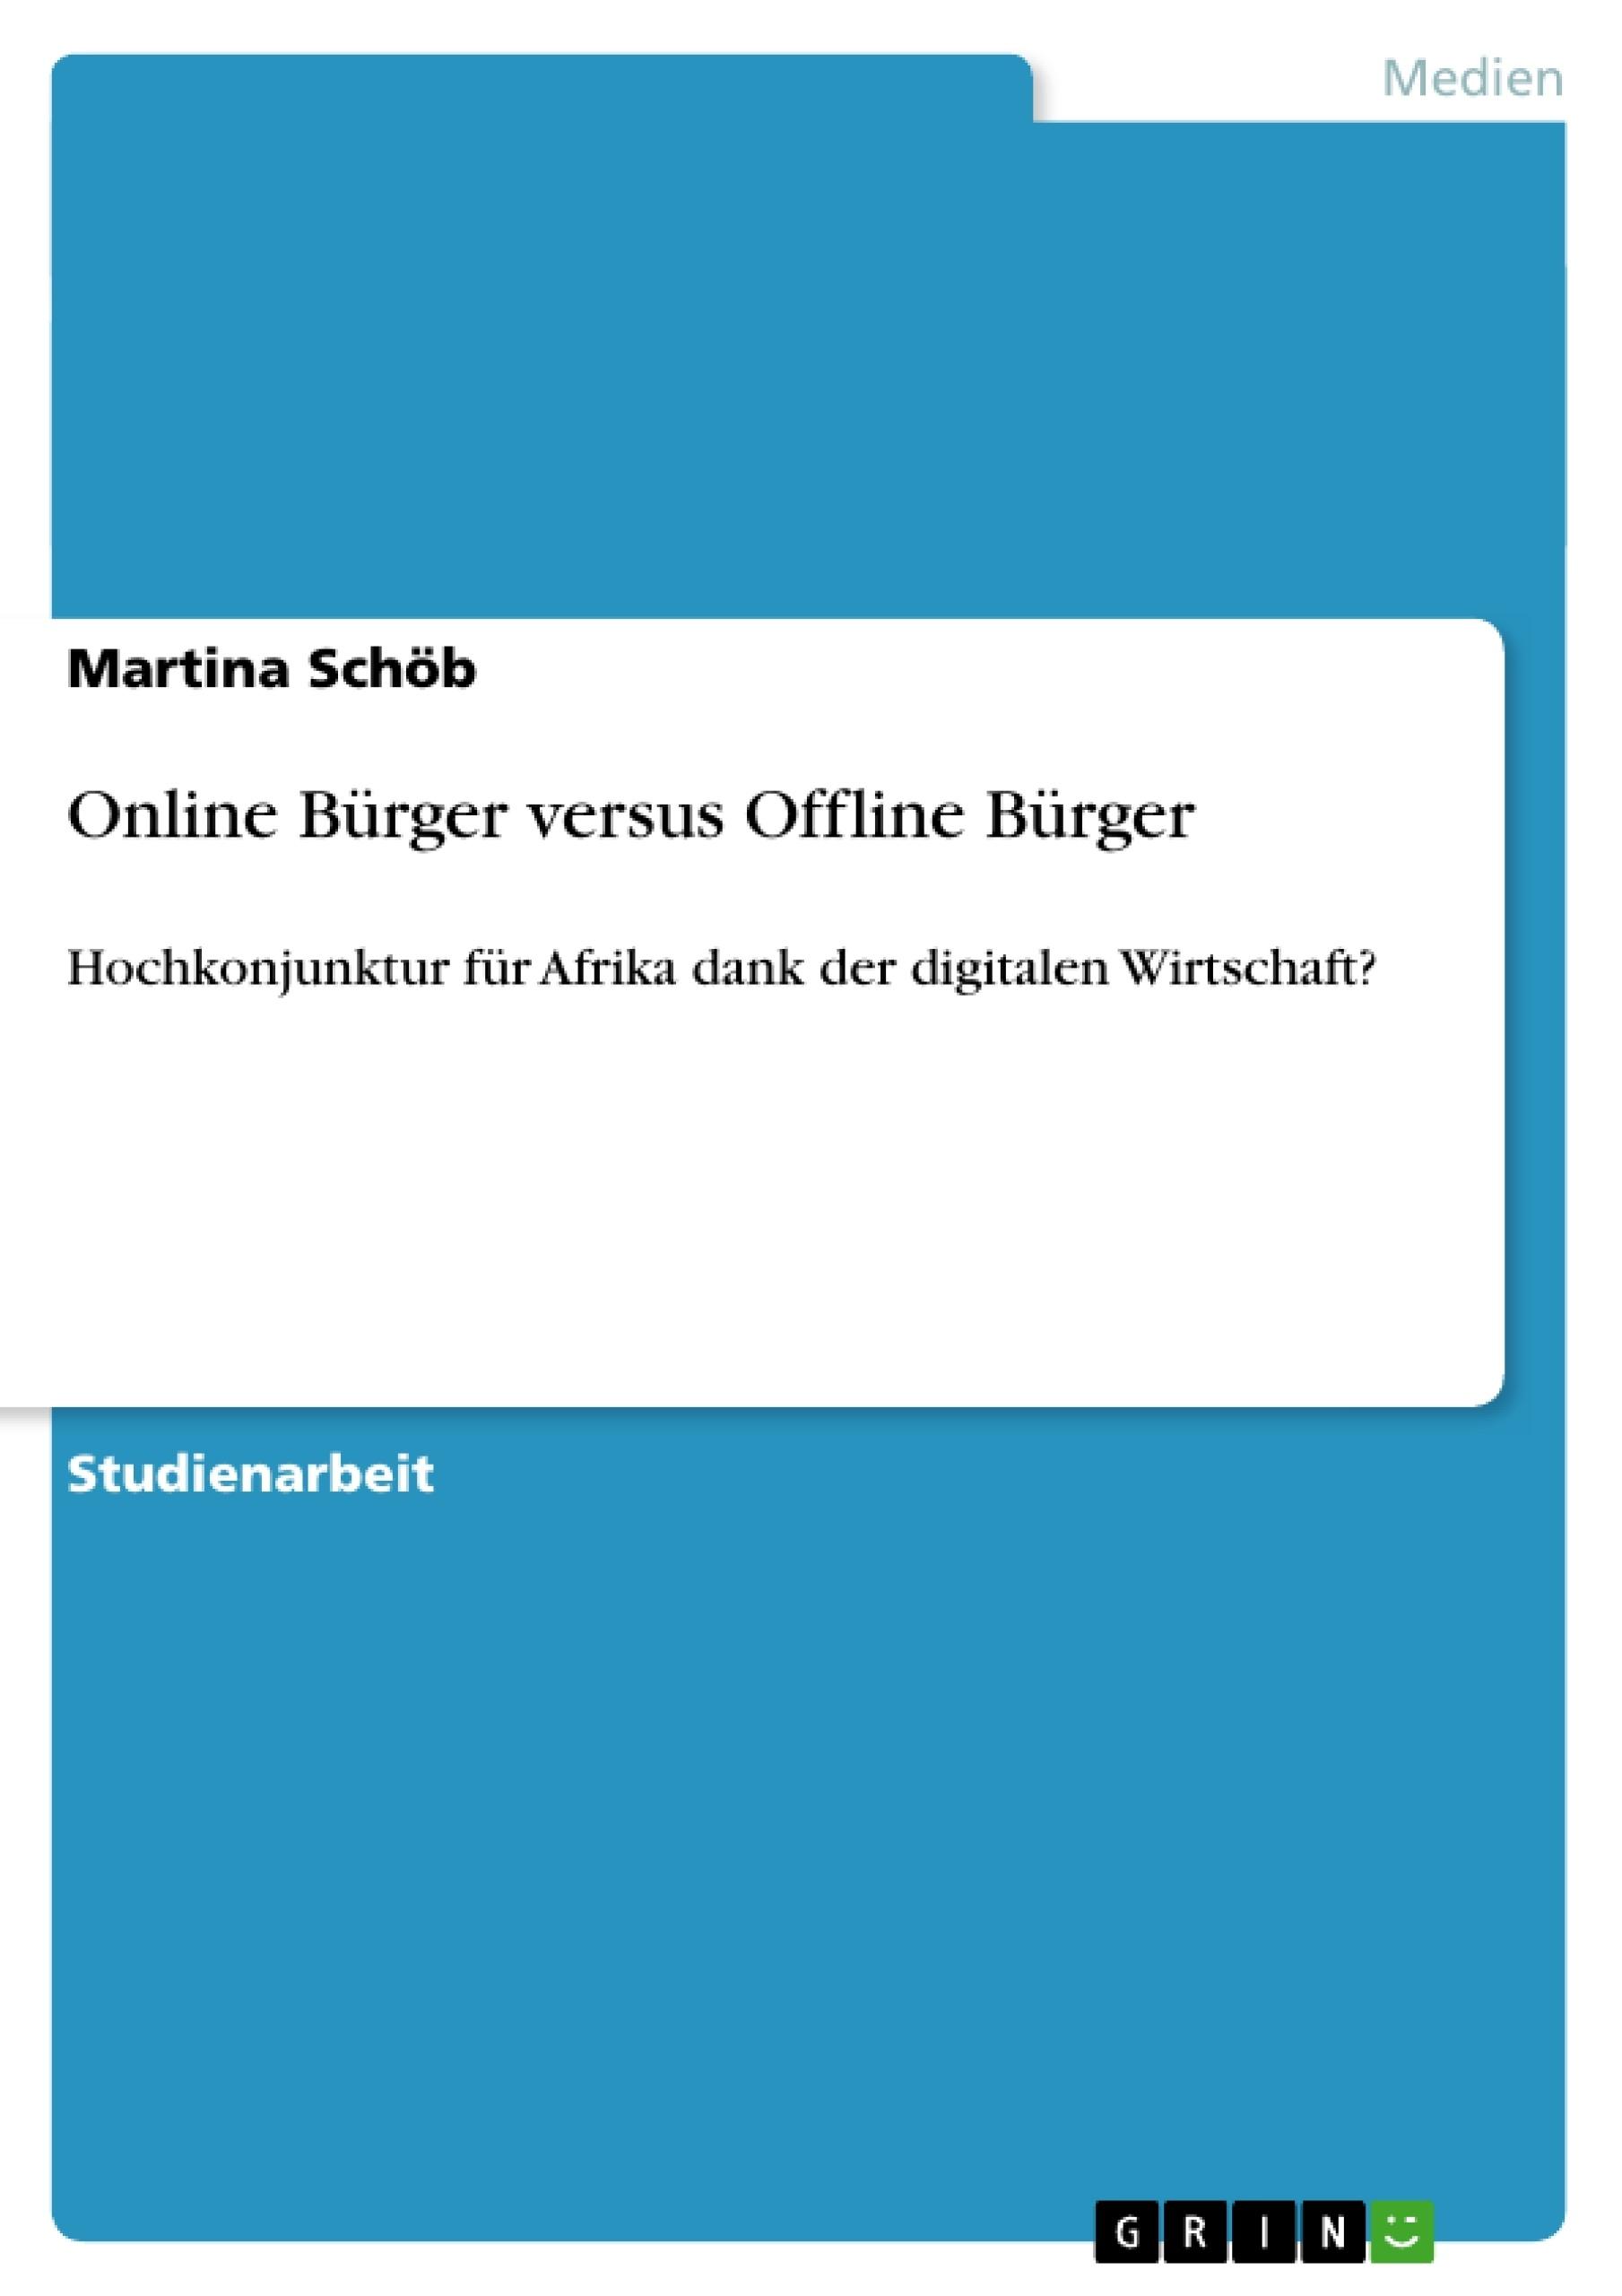 Titel: Online Bürger versus Offline Bürger